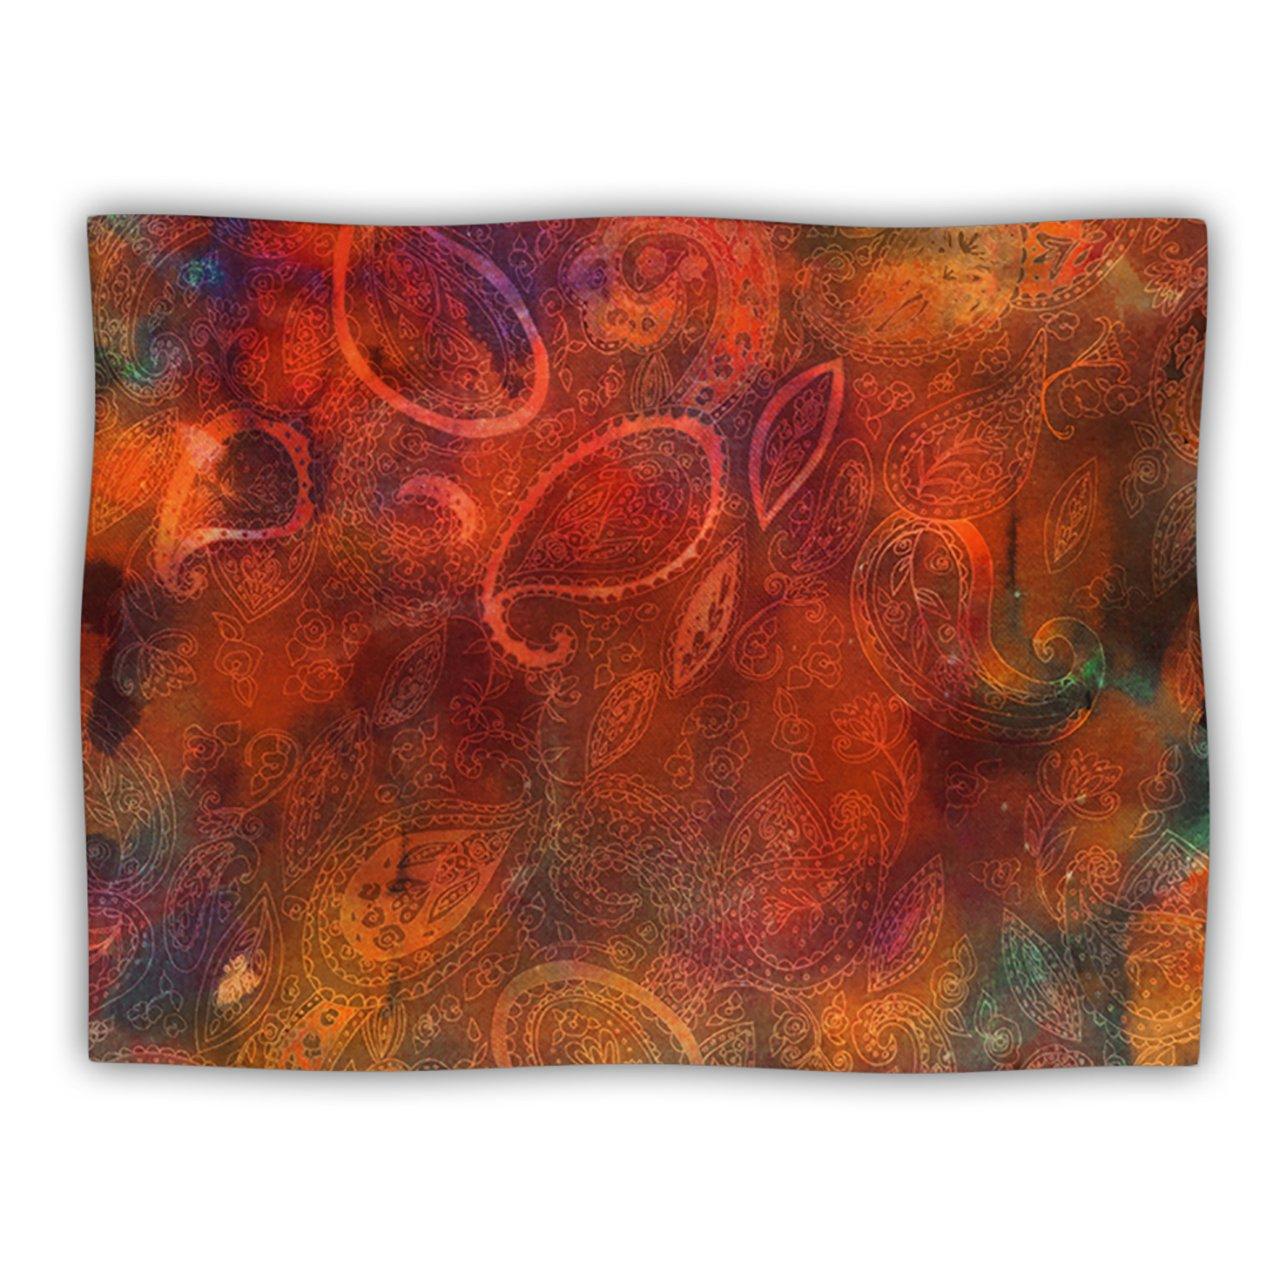 Kess InHouse Nikki Strange 'Tie Dye Paisley' orange Red Dog Blanket, 40 by 30-Inch